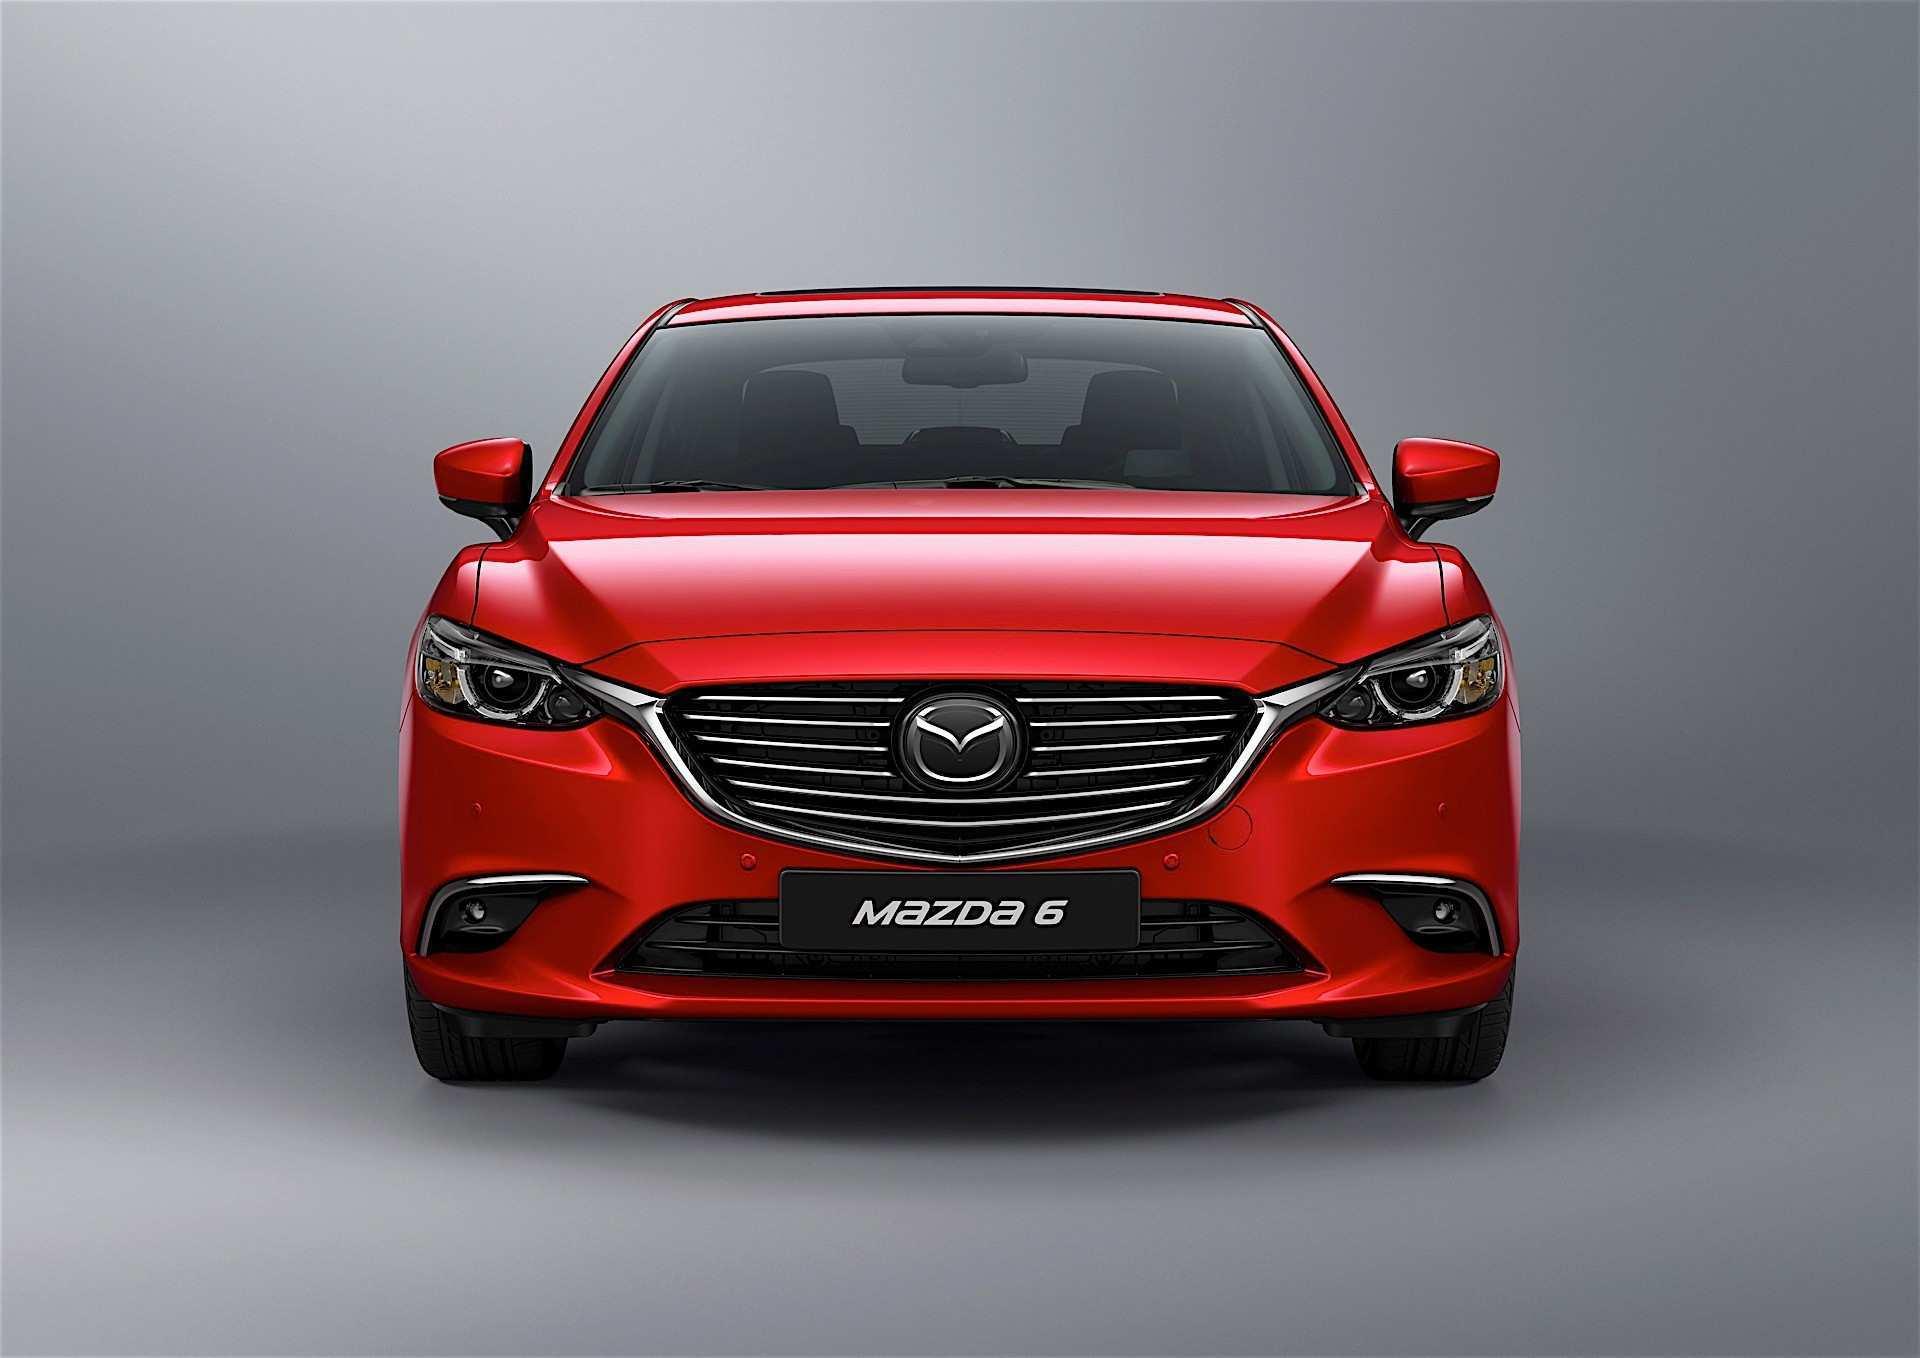 82 Great Next Gen Mazda 6 2020 First Drive by Next Gen Mazda 6 2020